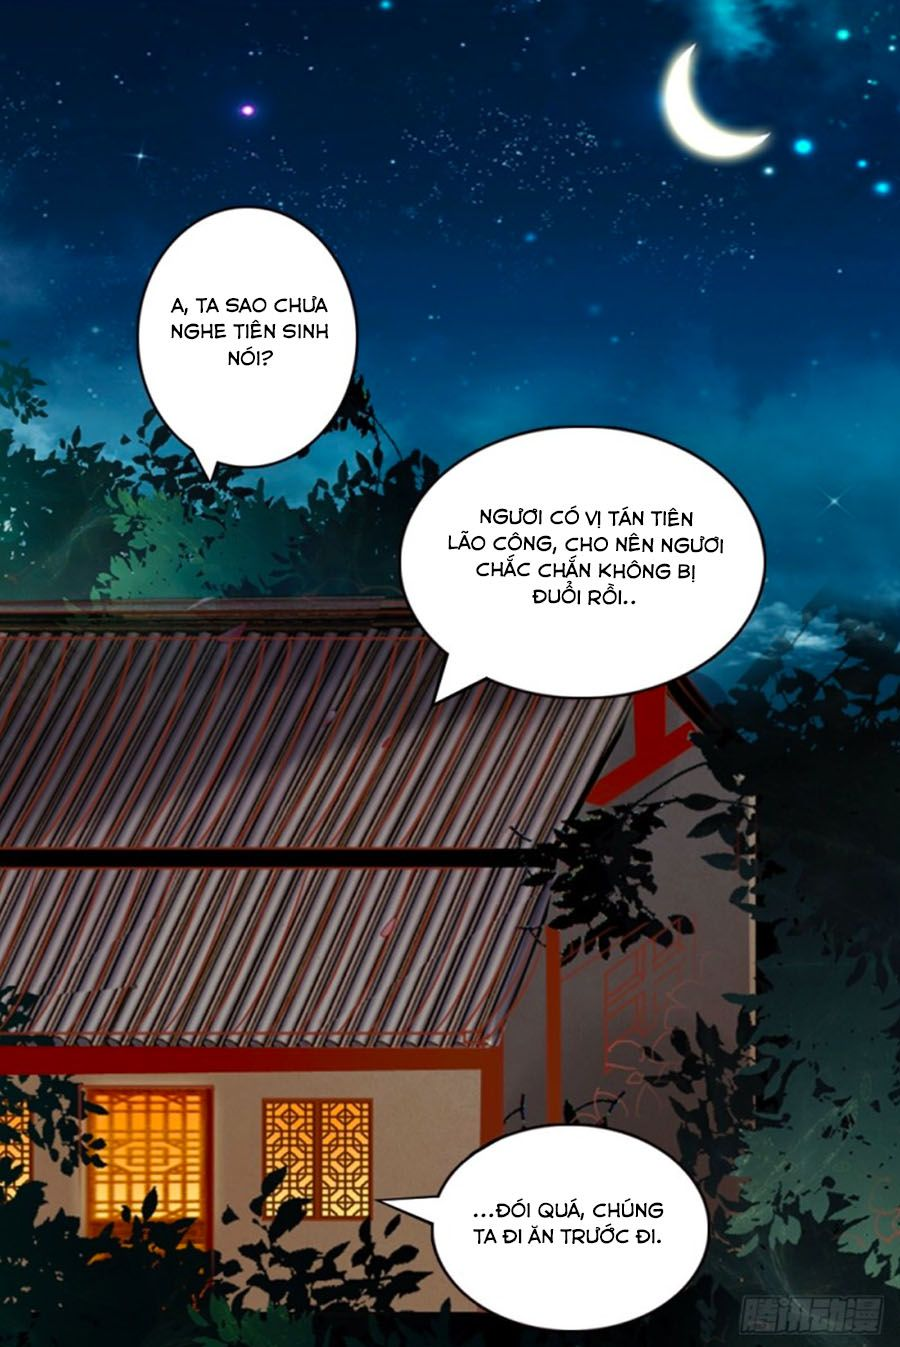 Dẫn Hồn Khúc Chap 10.2 Trang 20